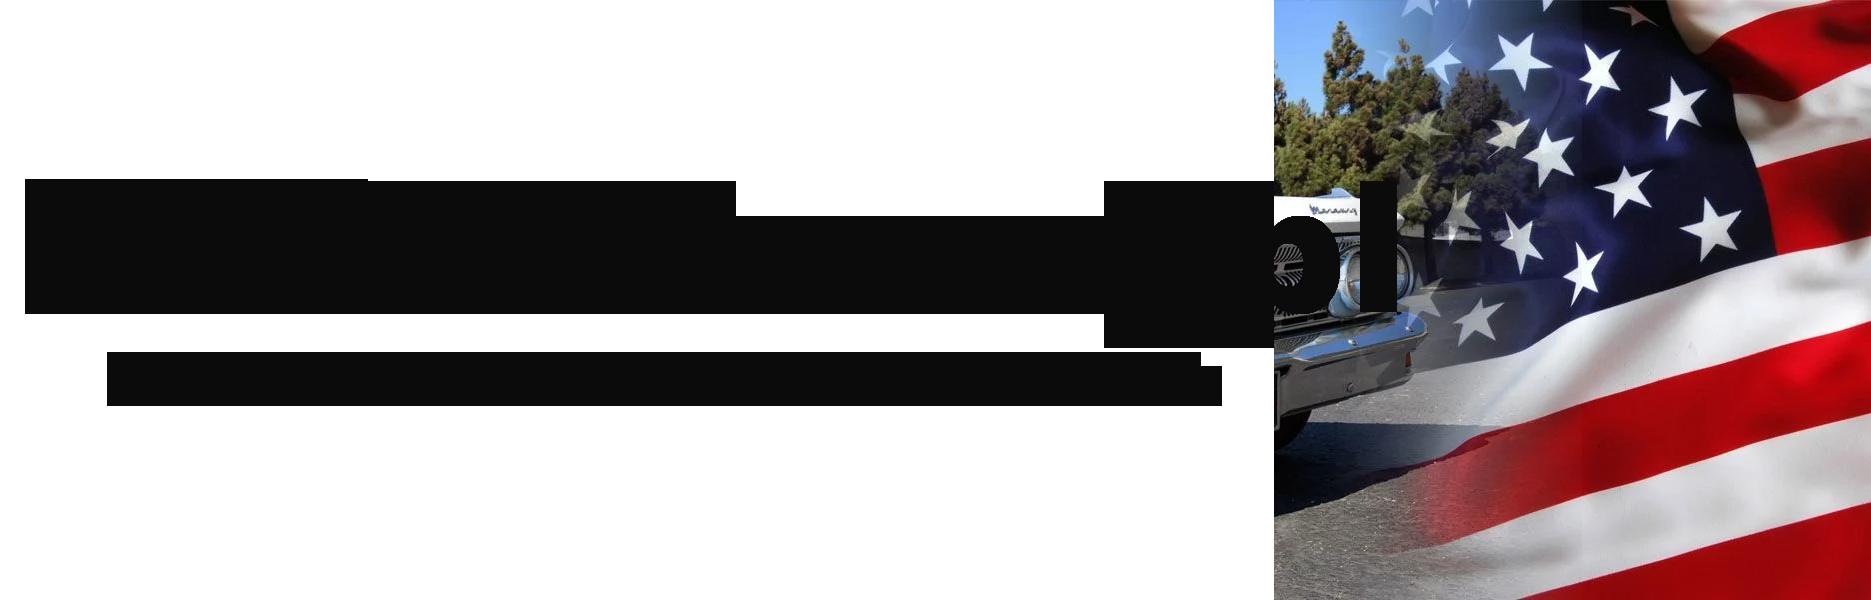 kolkazusa.pl